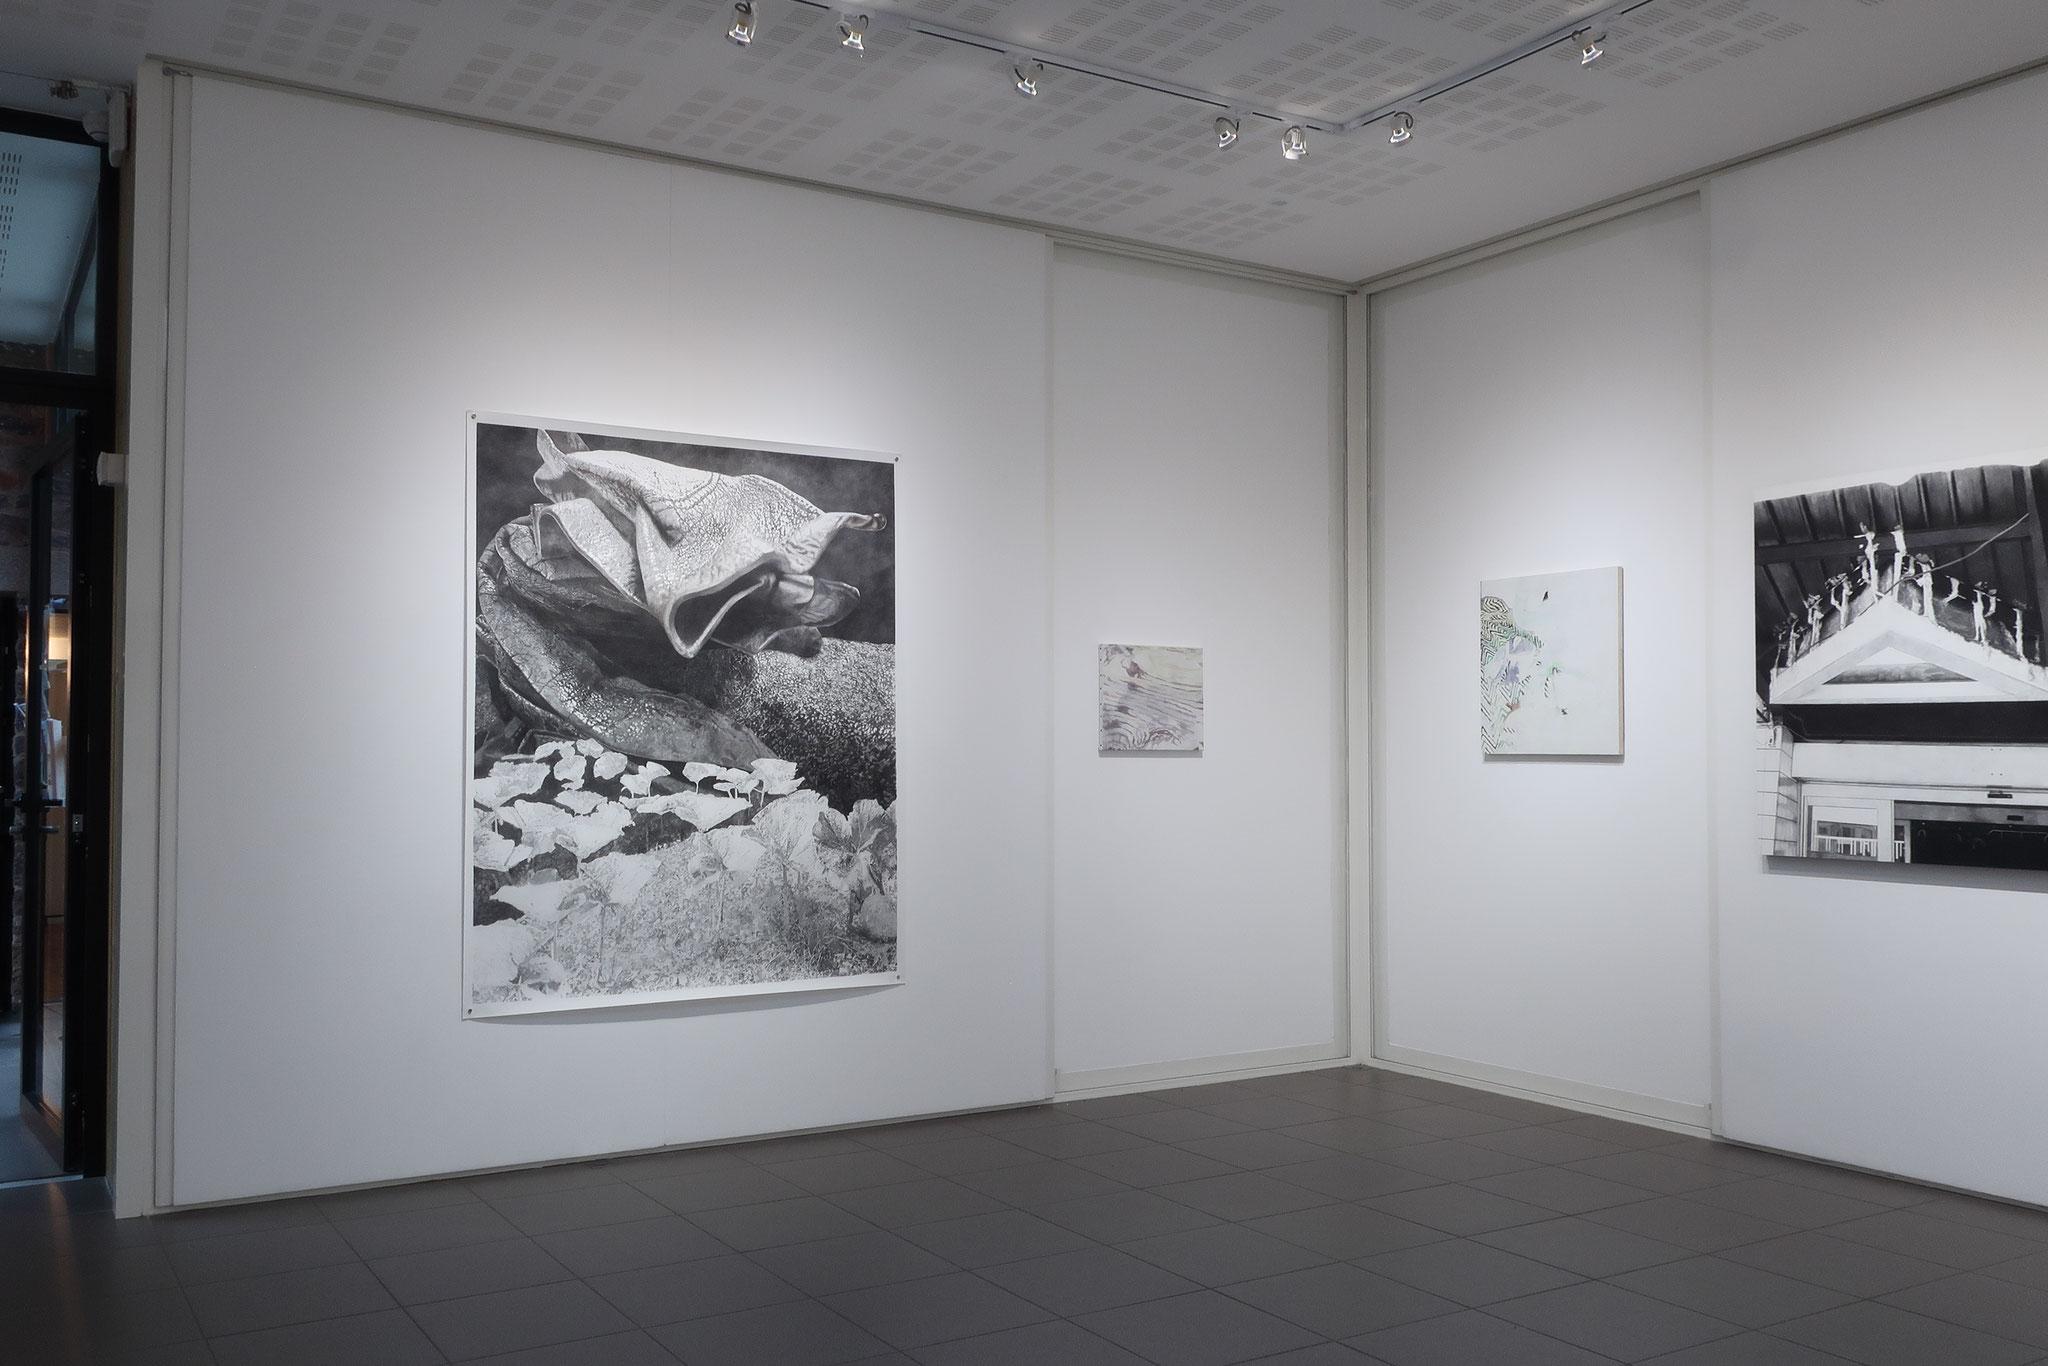 Vue d'exposition, Plasmes, L'aparté, Iffendic, 2018